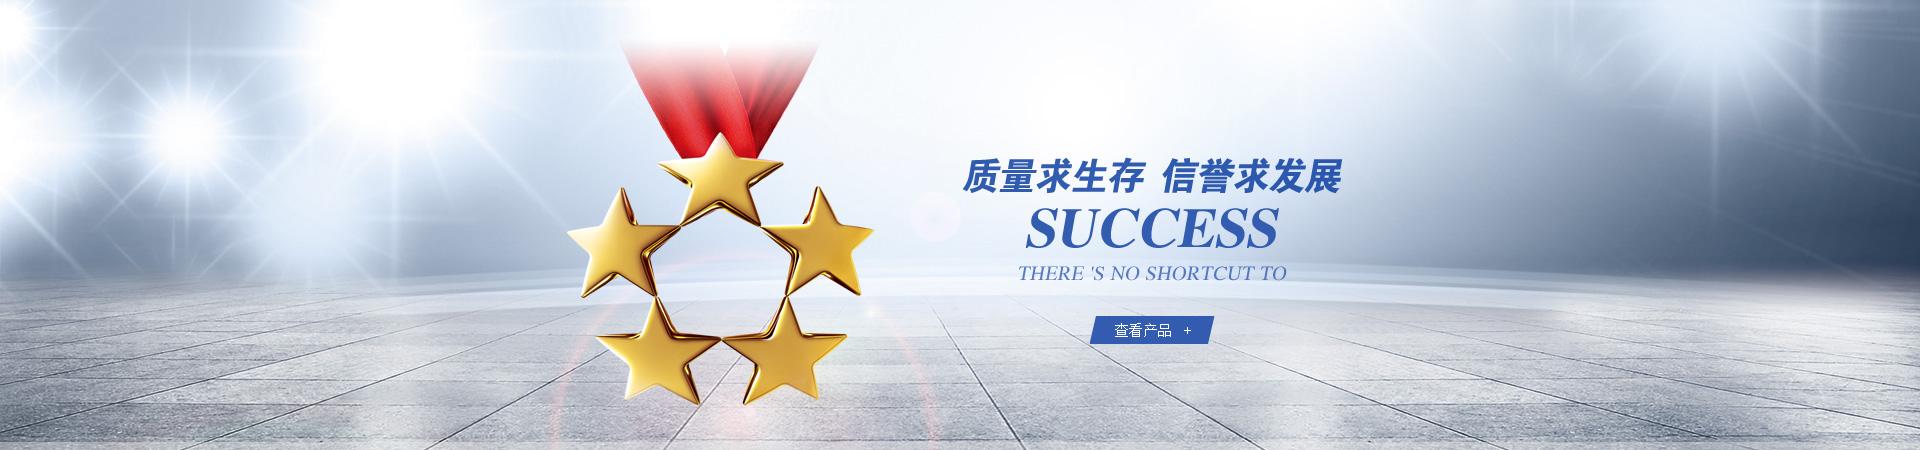 上海洺崛贸易有限公司